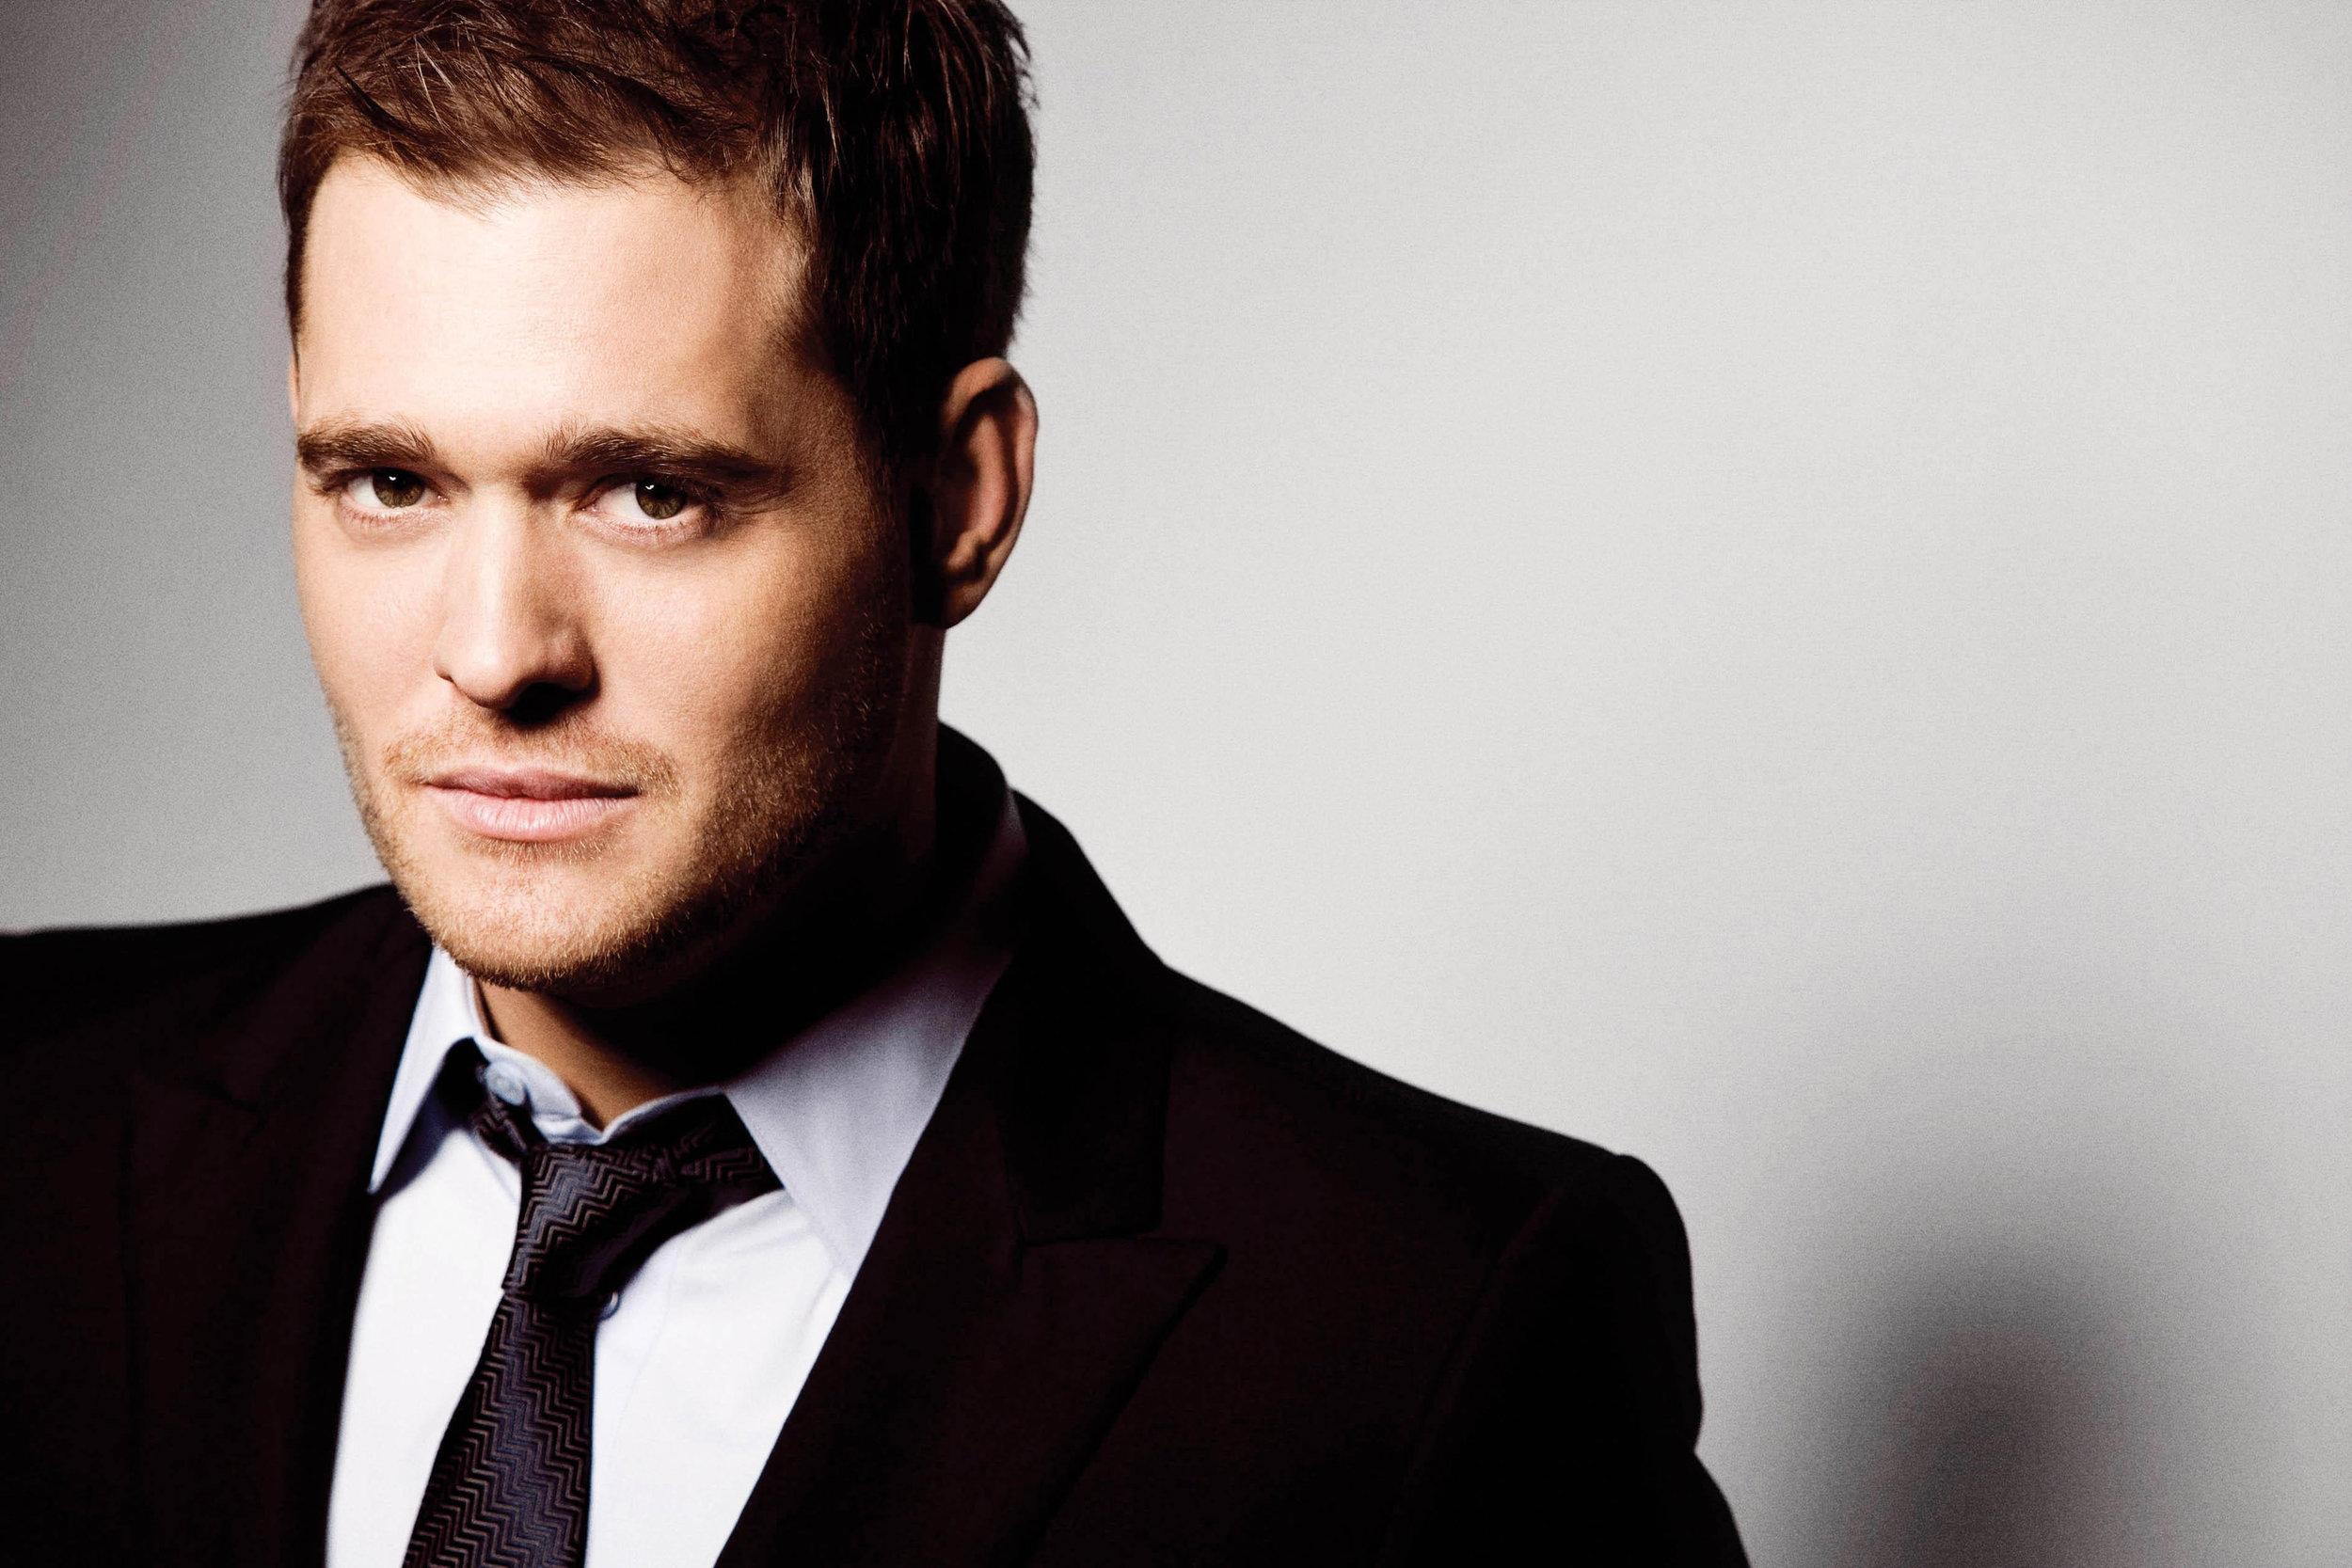 Michael Buble - Singer